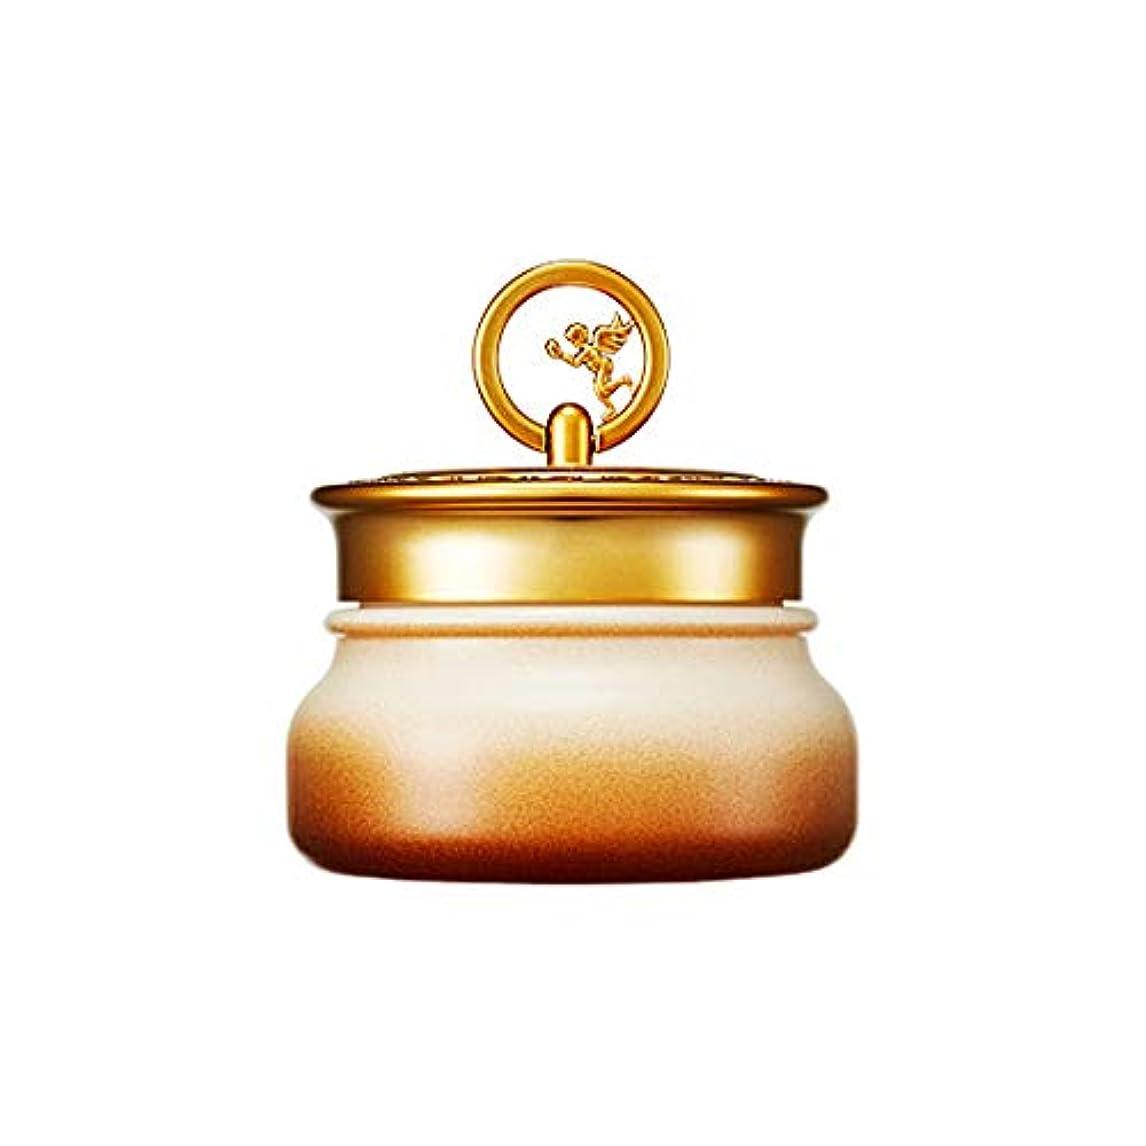 原始的な思春期の万一に備えてSkinfood ゴールドキャビアクリーム(しわケア) / Gold Caviar Cream (wrinkle care) 45g [並行輸入品]